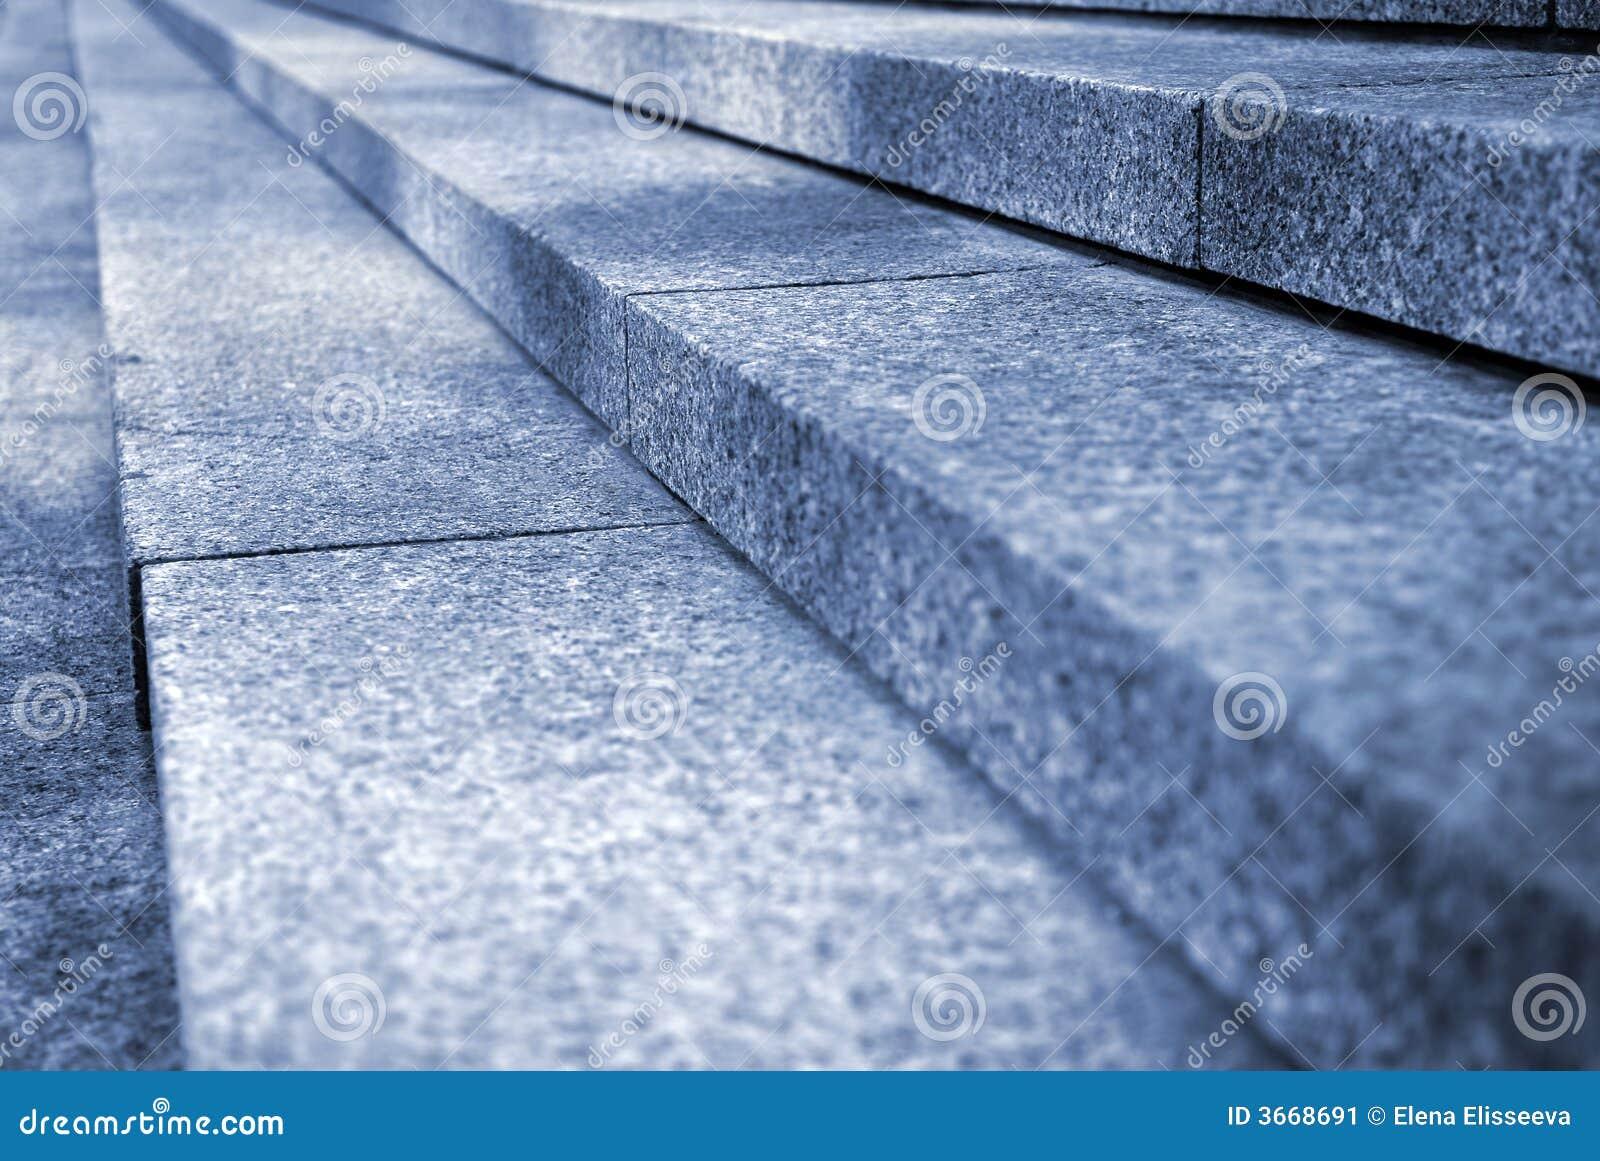 花岗岩台阶